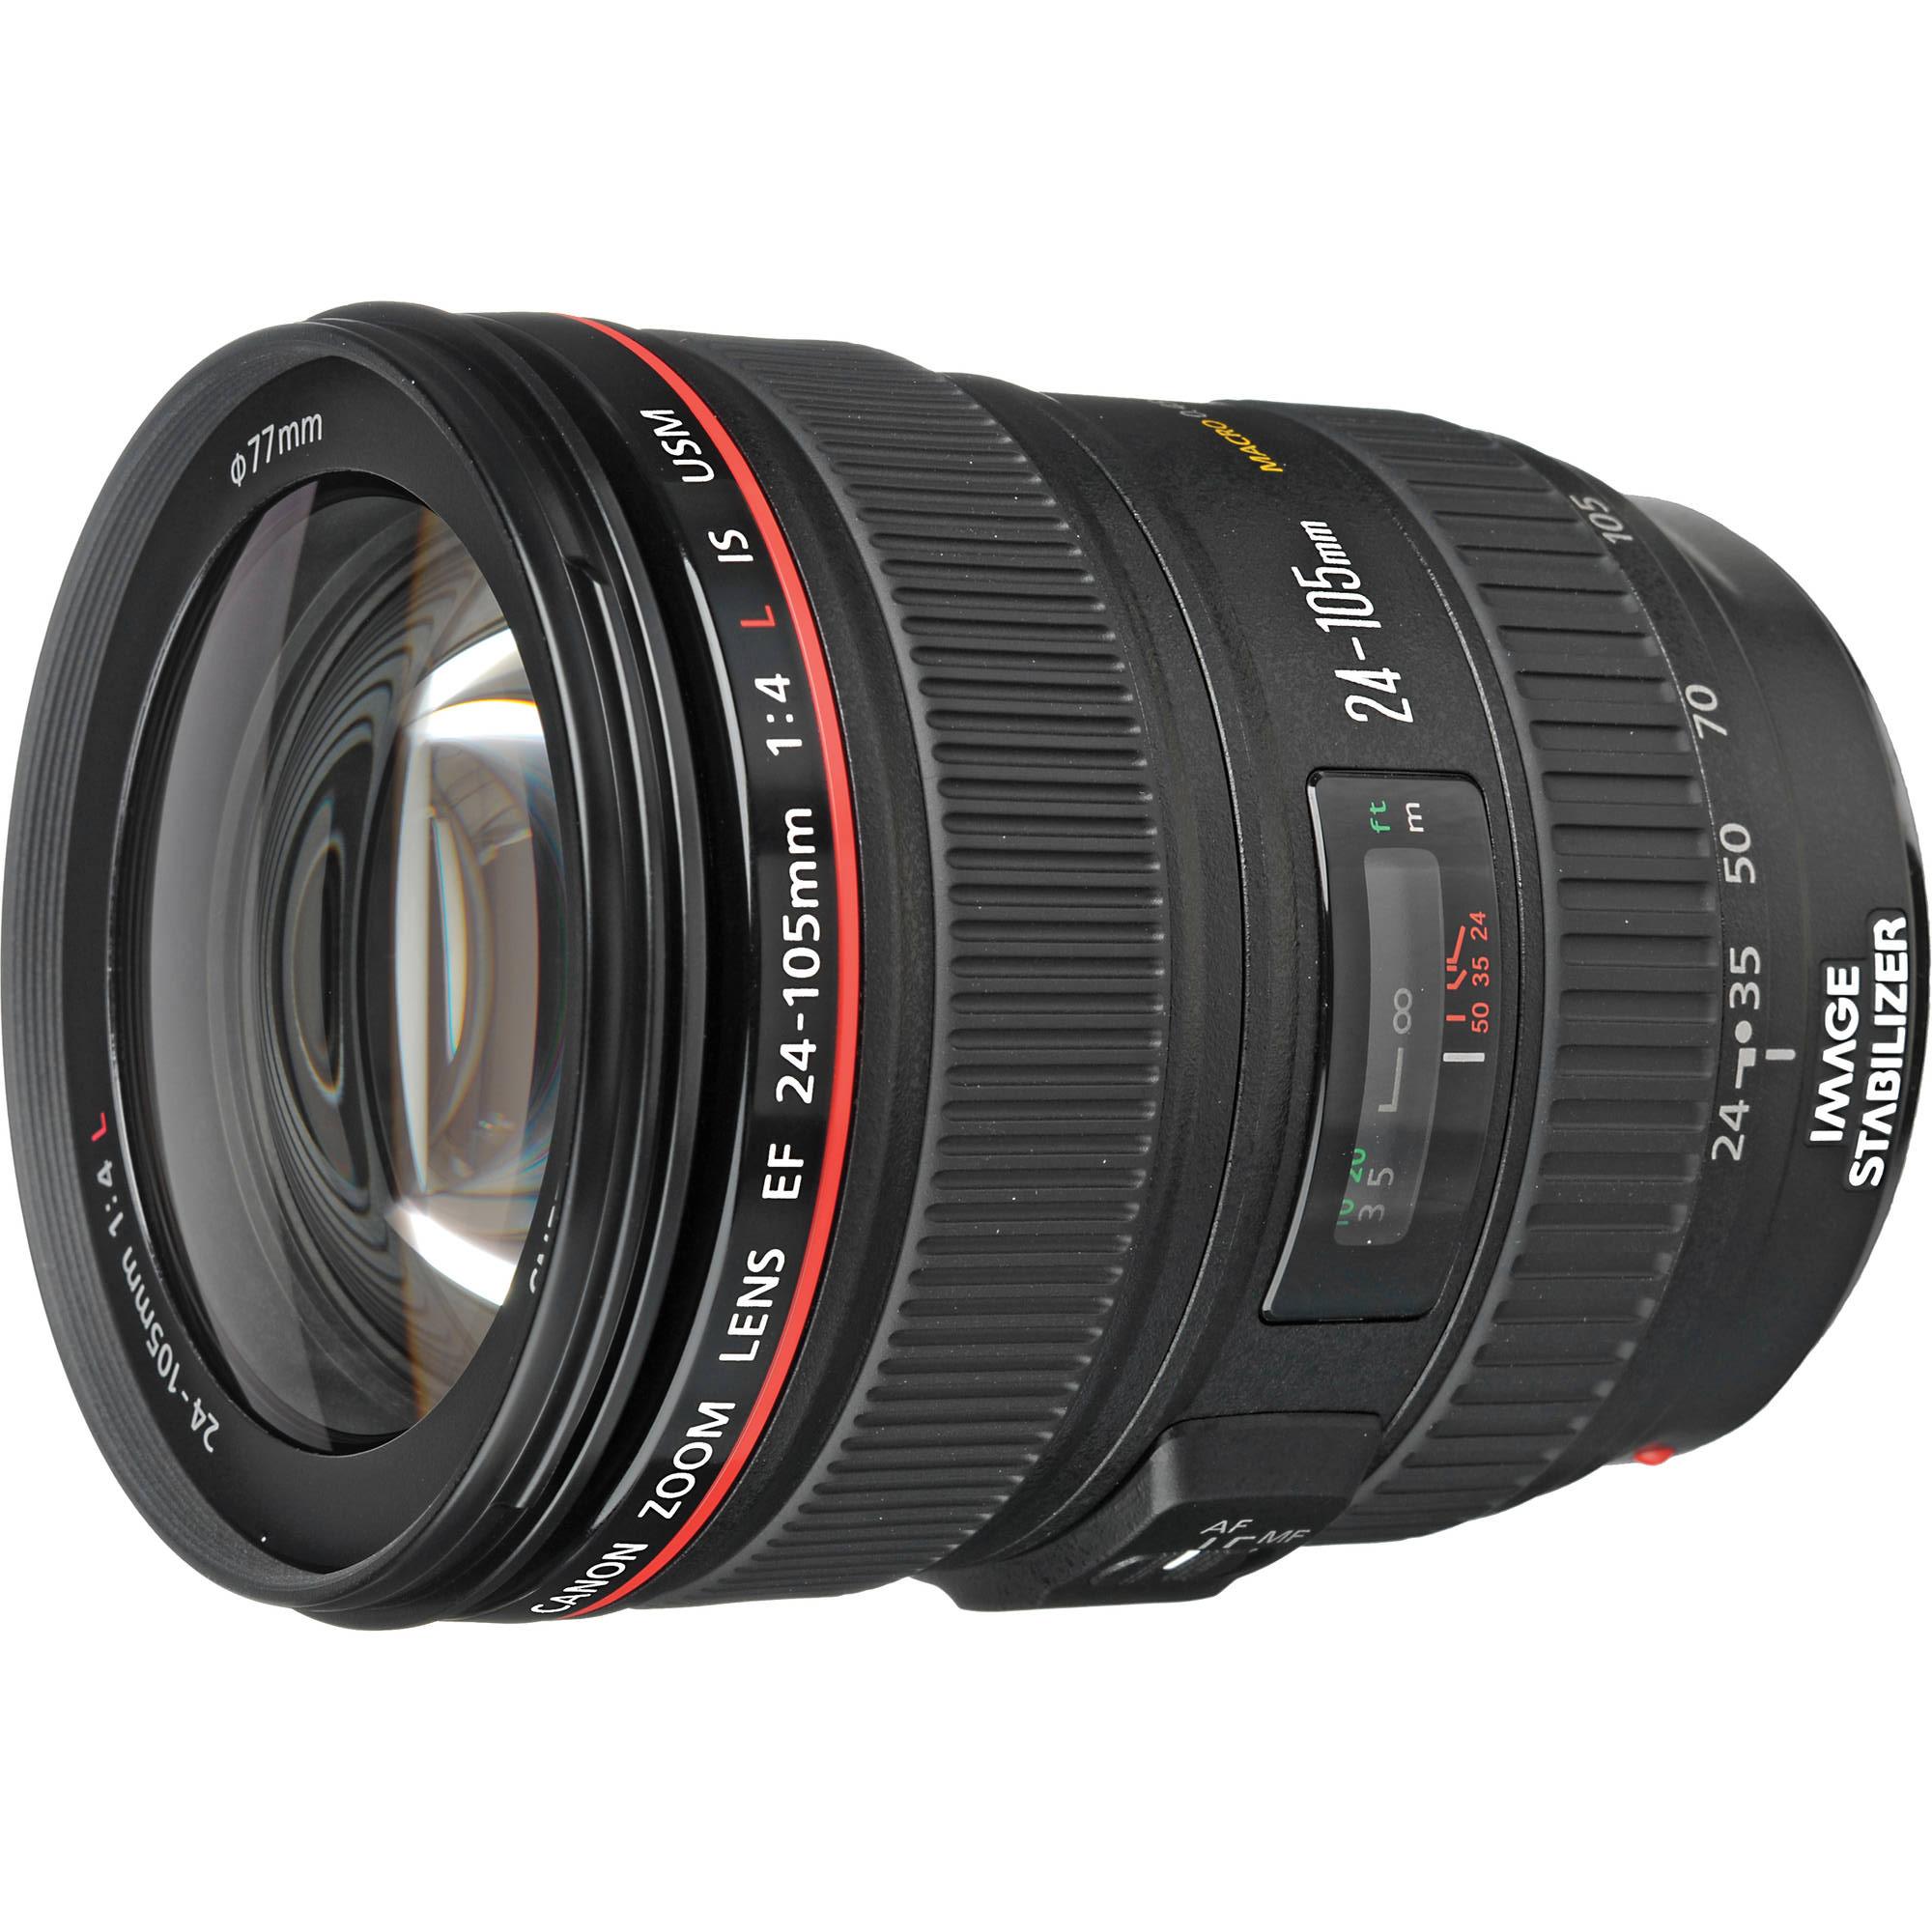 hot deal refurbished ef 24 105mm f 4l is usm lens for 539 full 1 year warranty canon deal. Black Bedroom Furniture Sets. Home Design Ideas